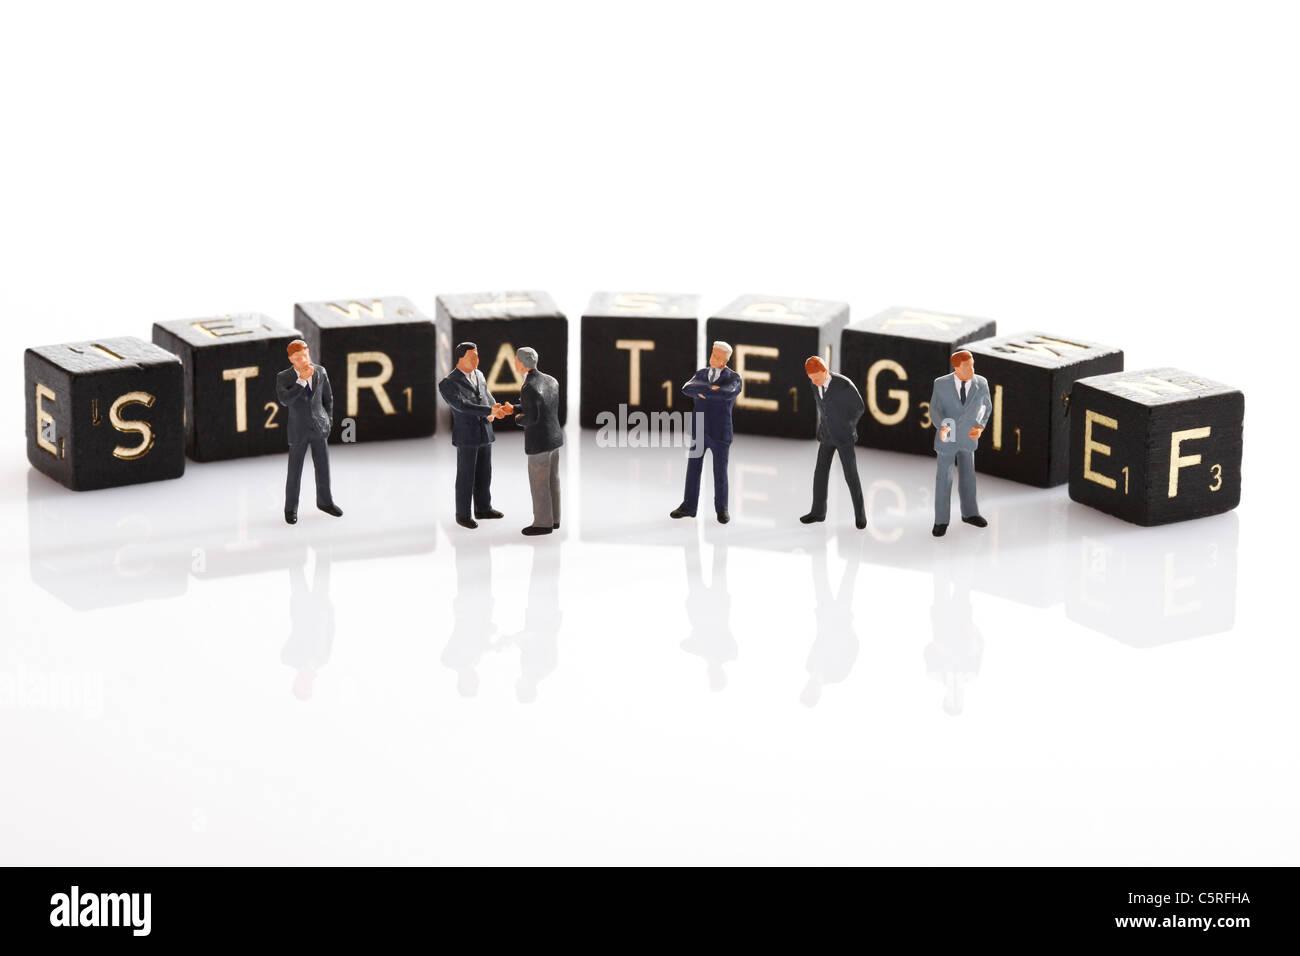 Scrabble le piastrelle che formano la parola singola strategia, in primo piano gli uomini d' affari figurine Immagini Stock